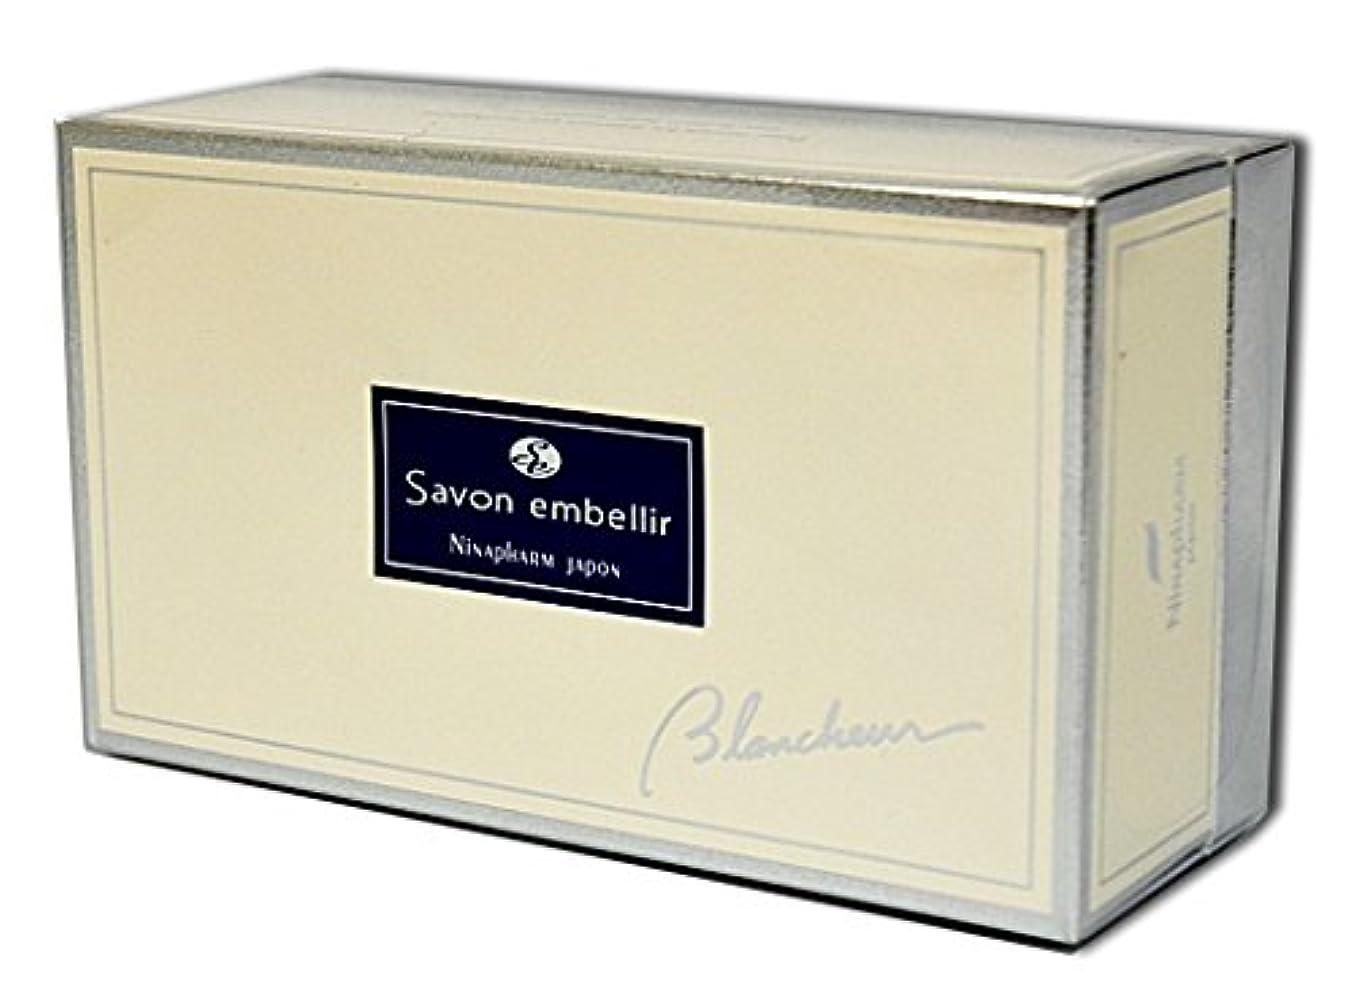 ロードブロッキング利点宣言ニナファーム サヴォン アンベリール ブランシュール 150g